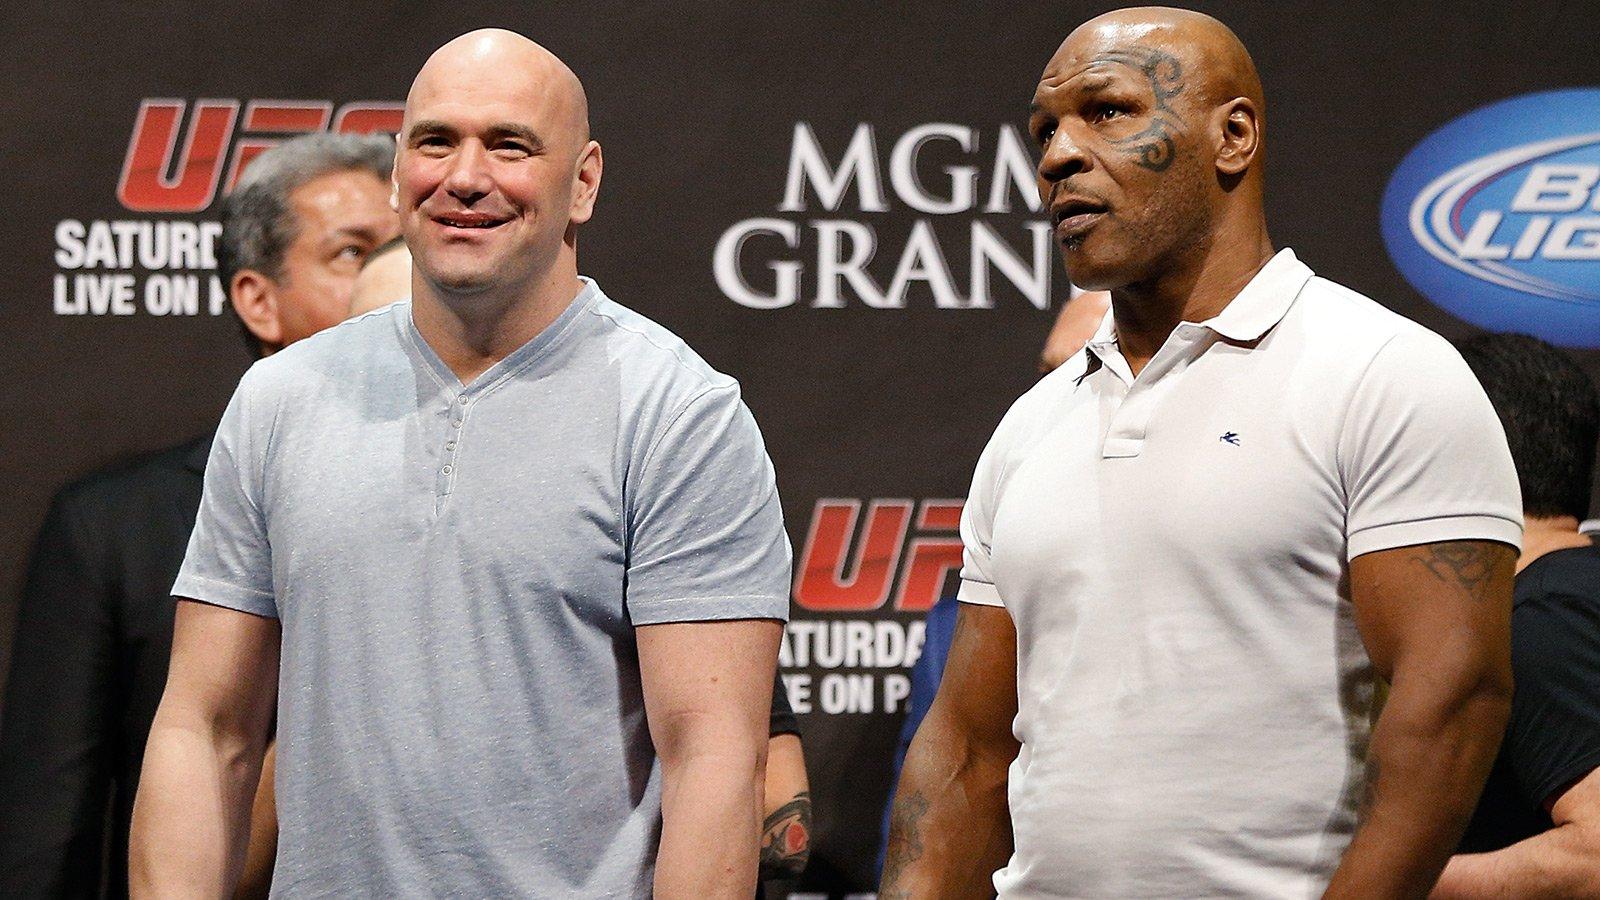 Секретный боец в UFC 2 - Майк Тайсон - Изображение 1